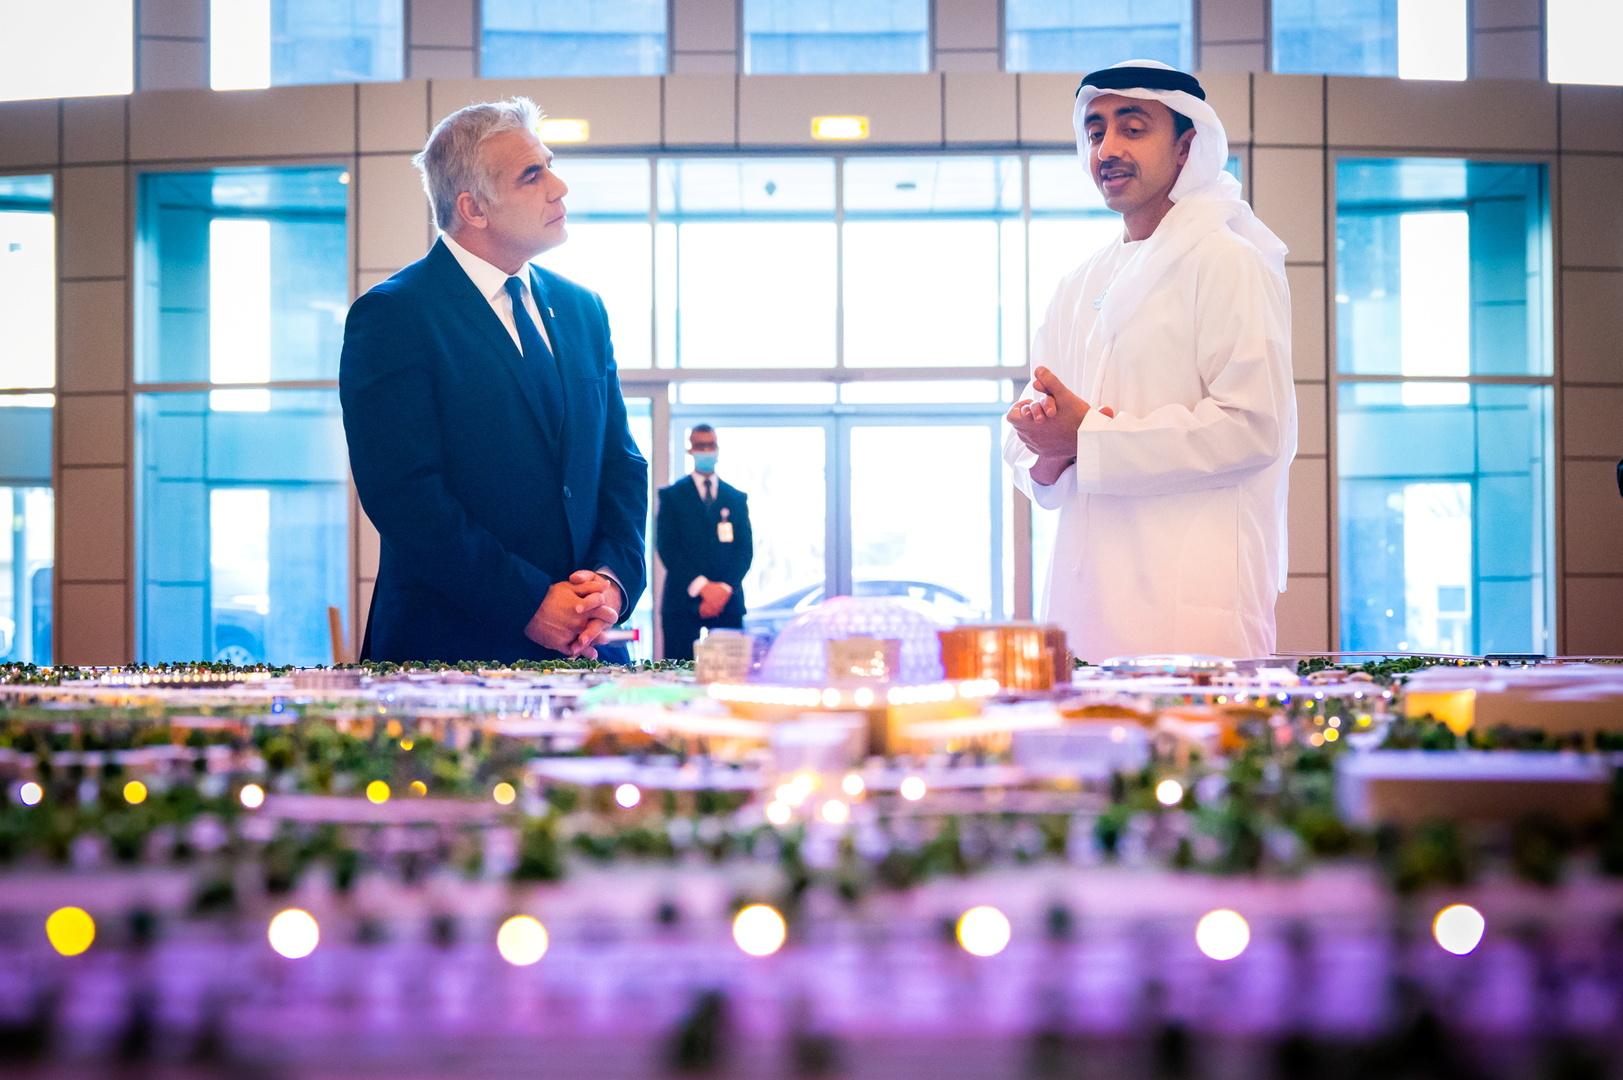 لابيد: بإمكان الإمارات أداء دور بناء في تحسين الظروف لكن على الفلسطينيين أن يرغبوا في ذلك أولا